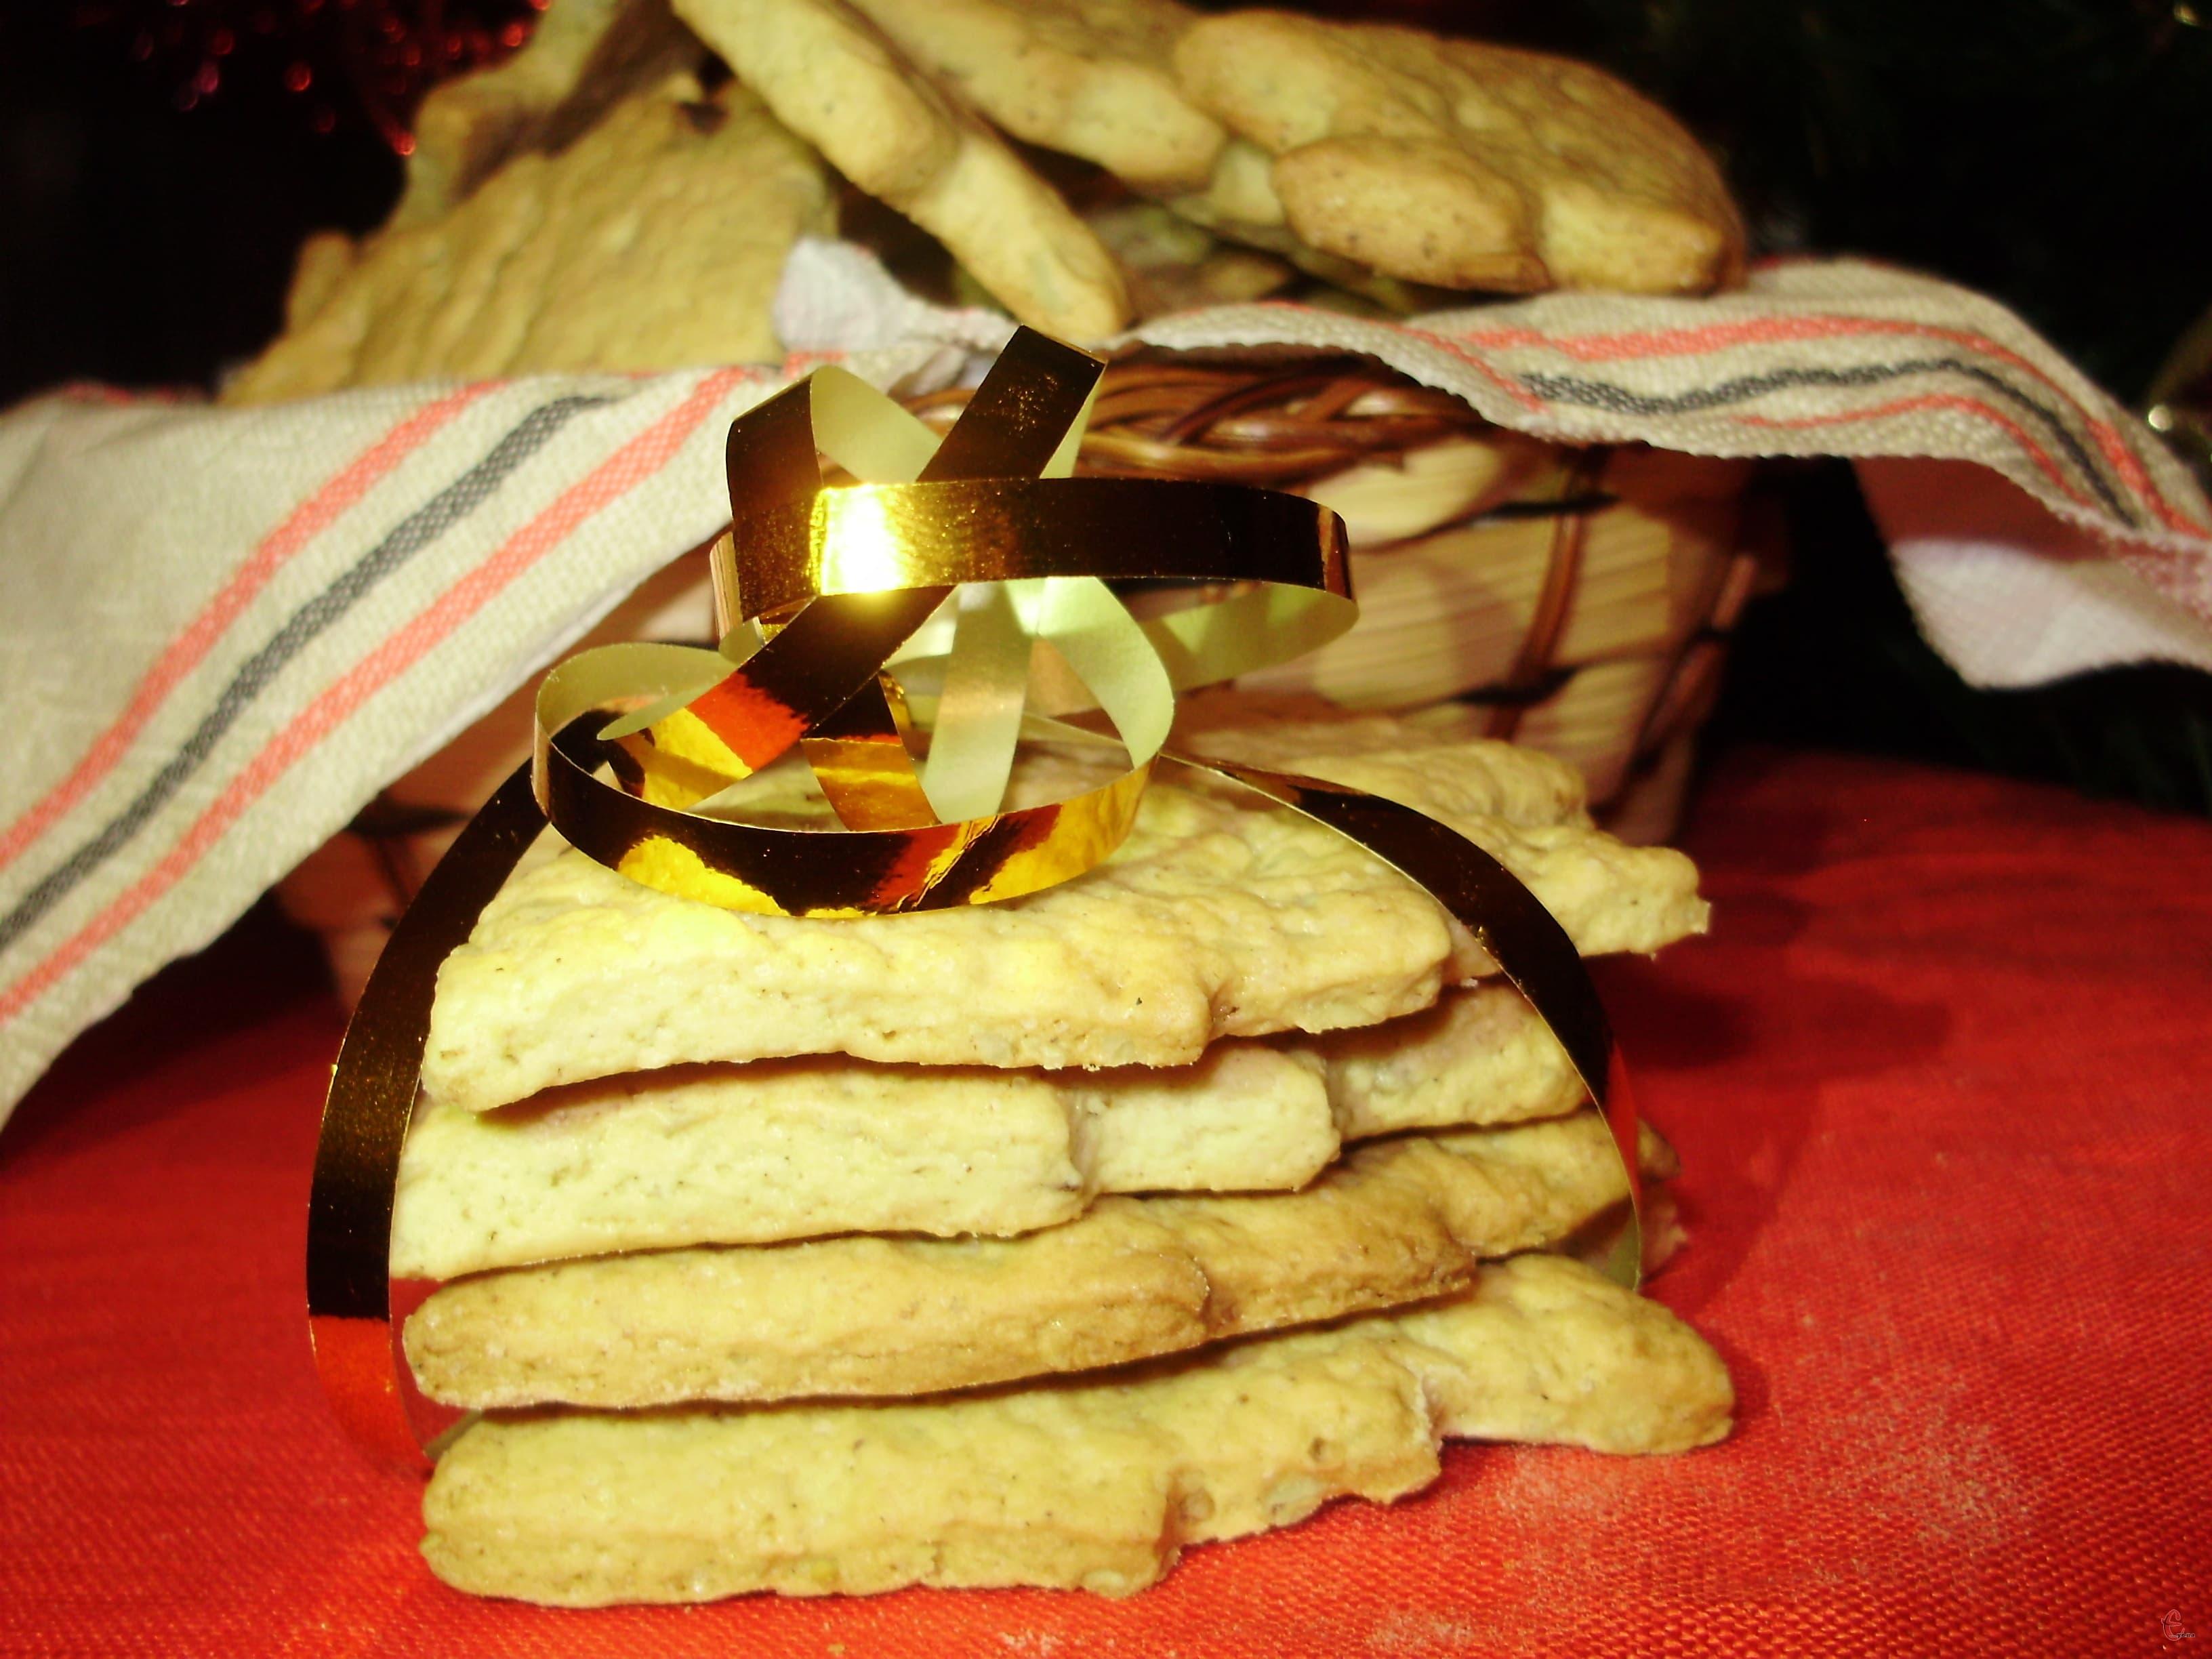 Якщо ж ви хочете прикрасити цим печивом ялинку, потрібно зробити отвори для стрічки у ще сирому тісті.